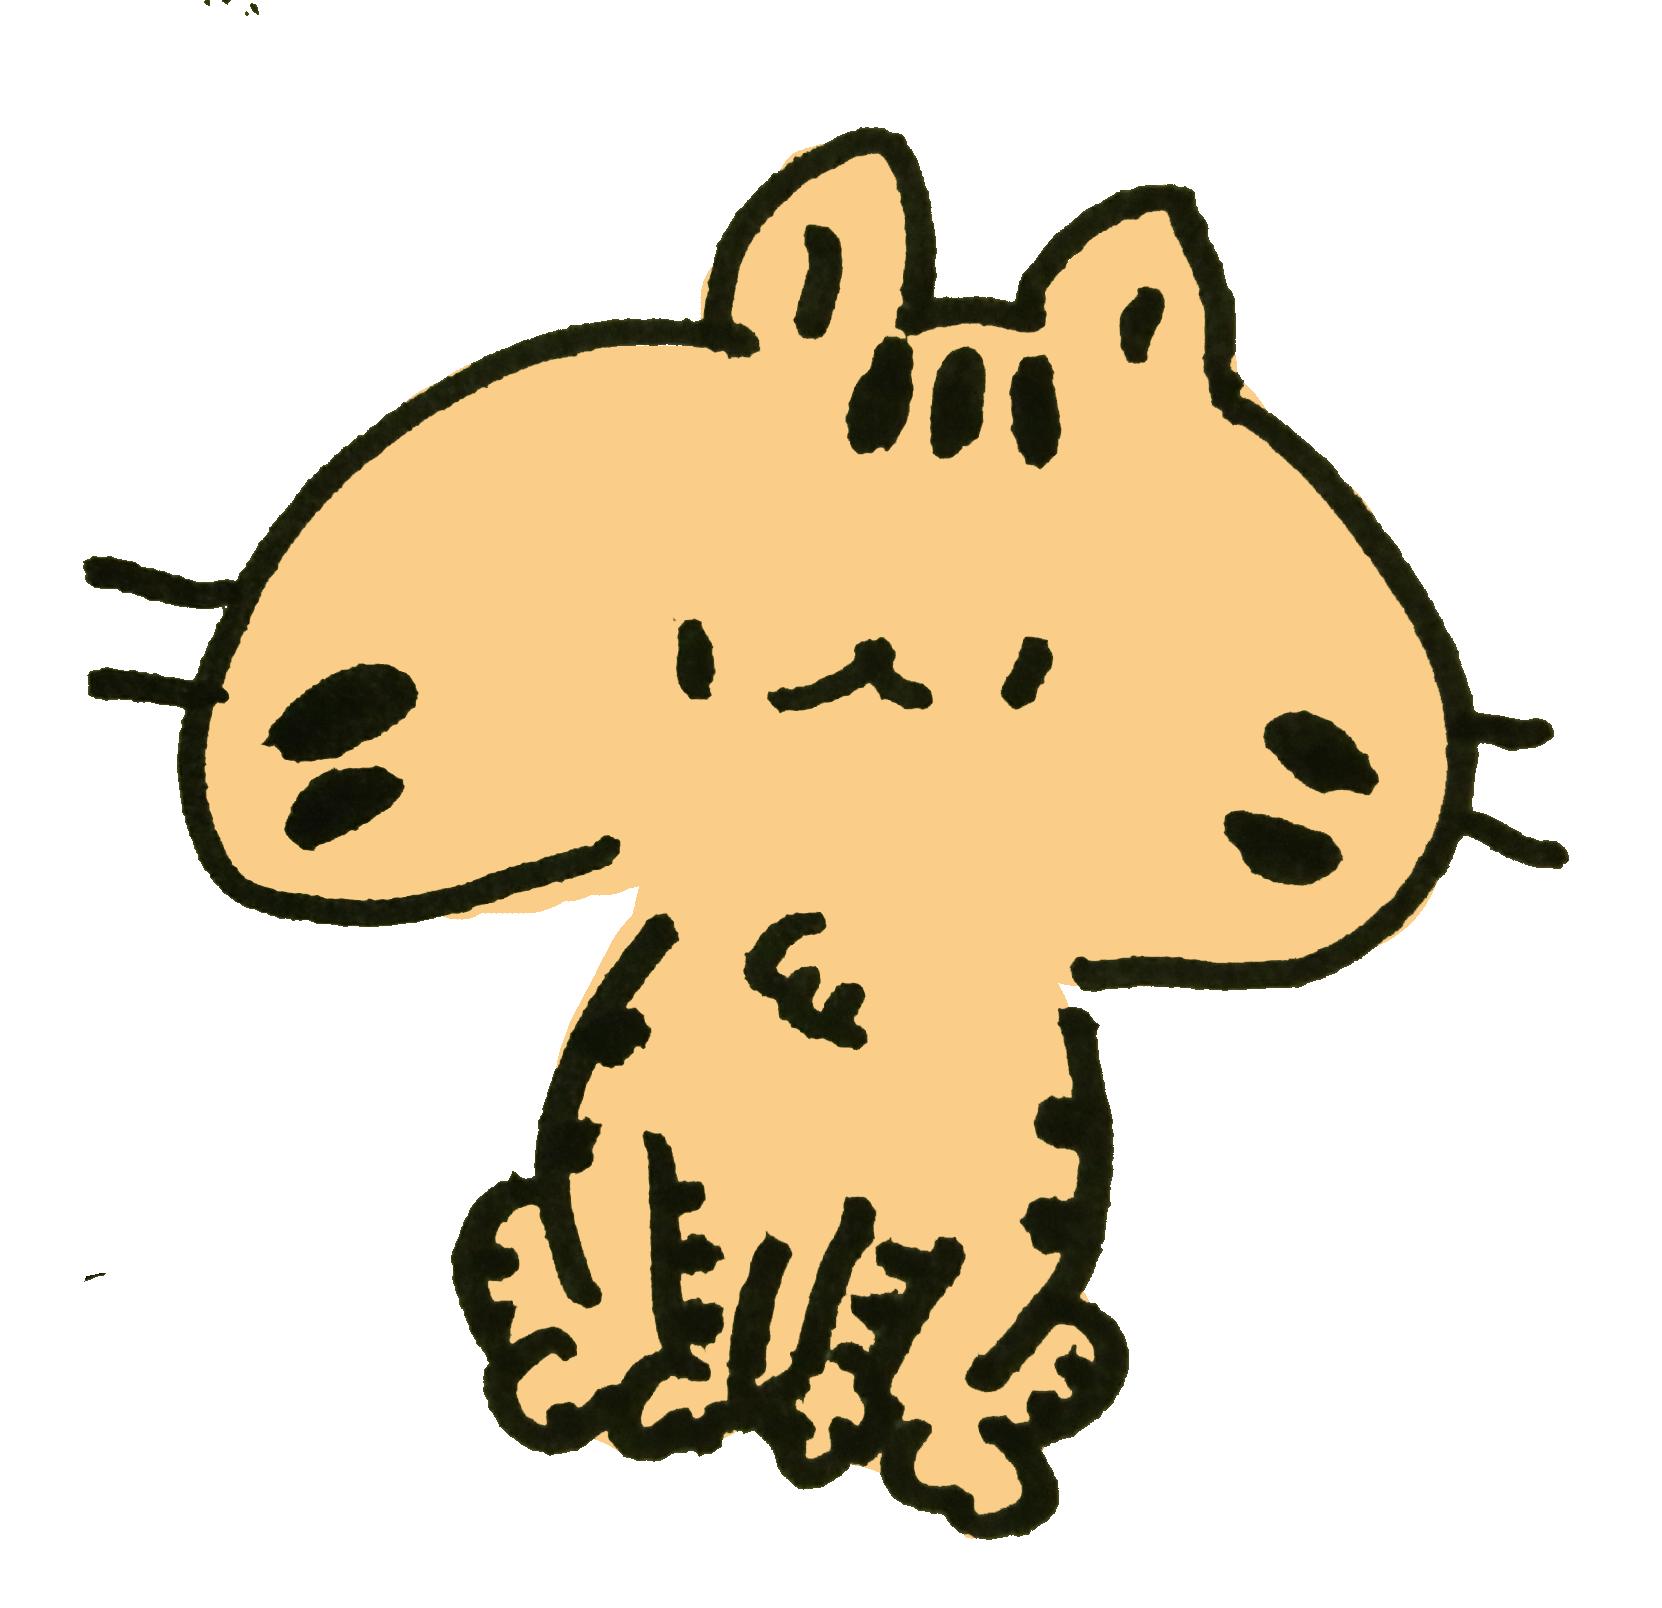 おすわりしてるトラ模様の猫のイラスト ゆるくてかわいい無料イラスト